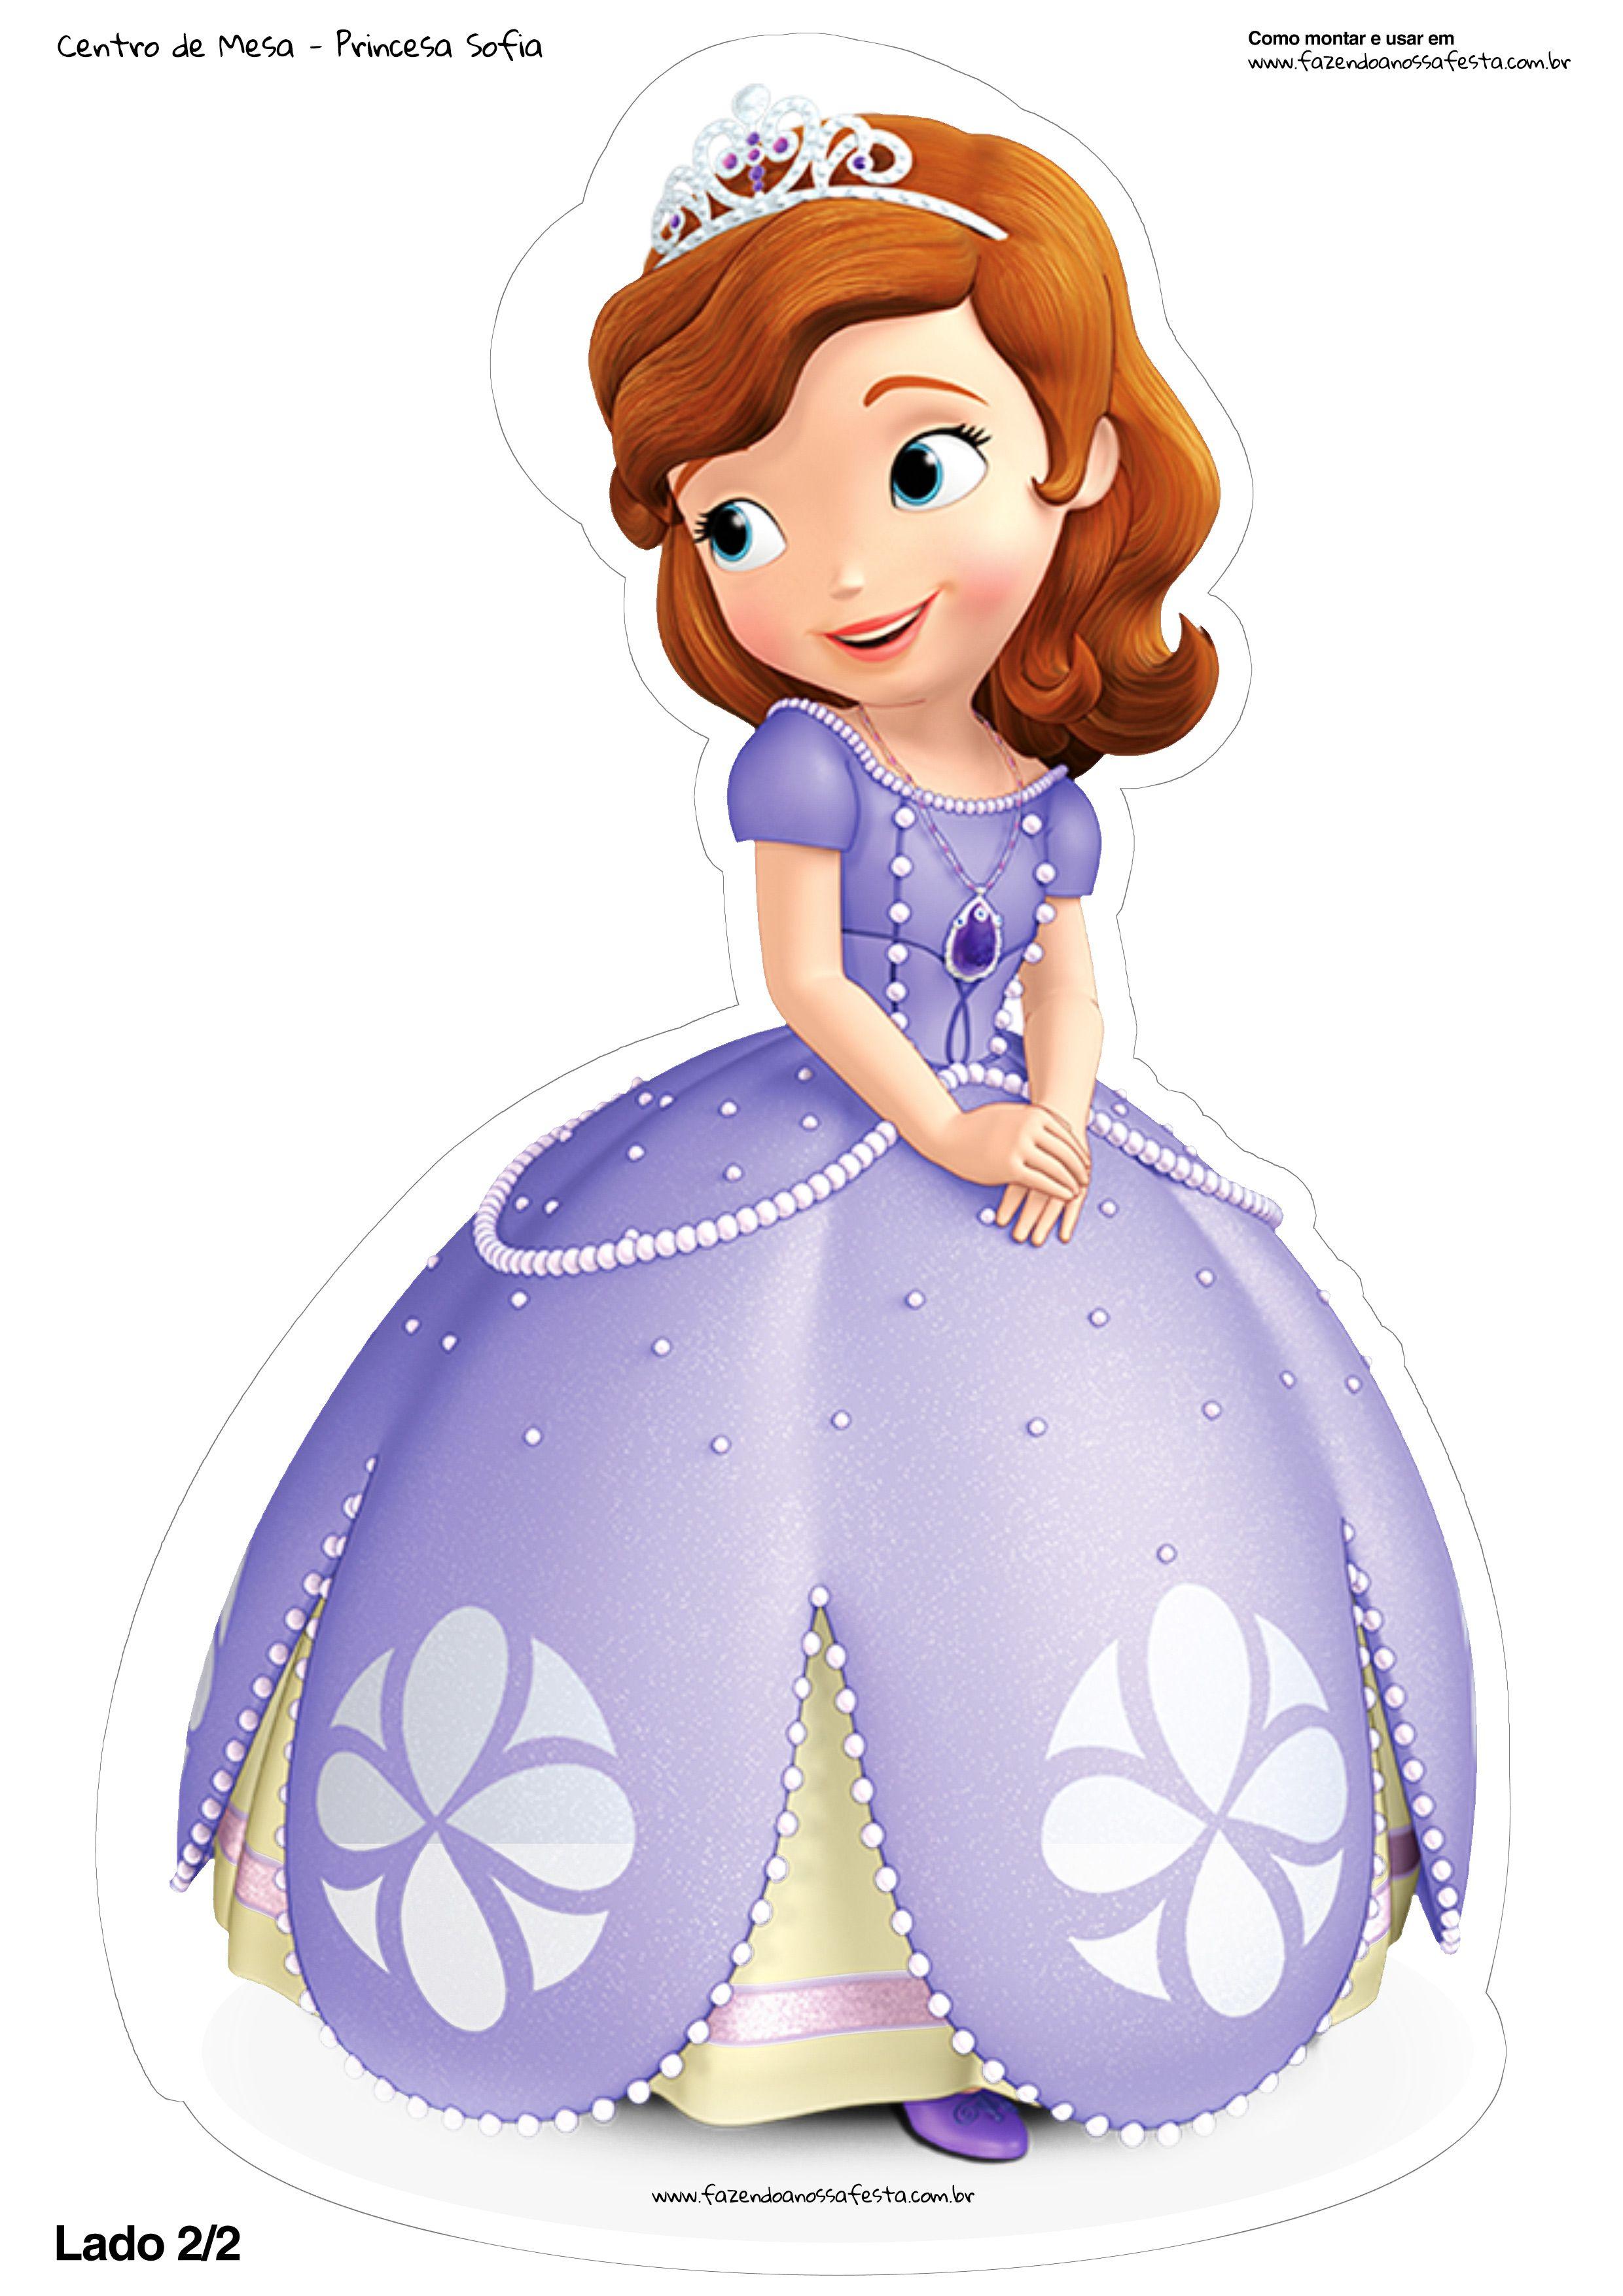 Resultado de imagen para princesa sofia sofia the first - Foto princesa sofia ...